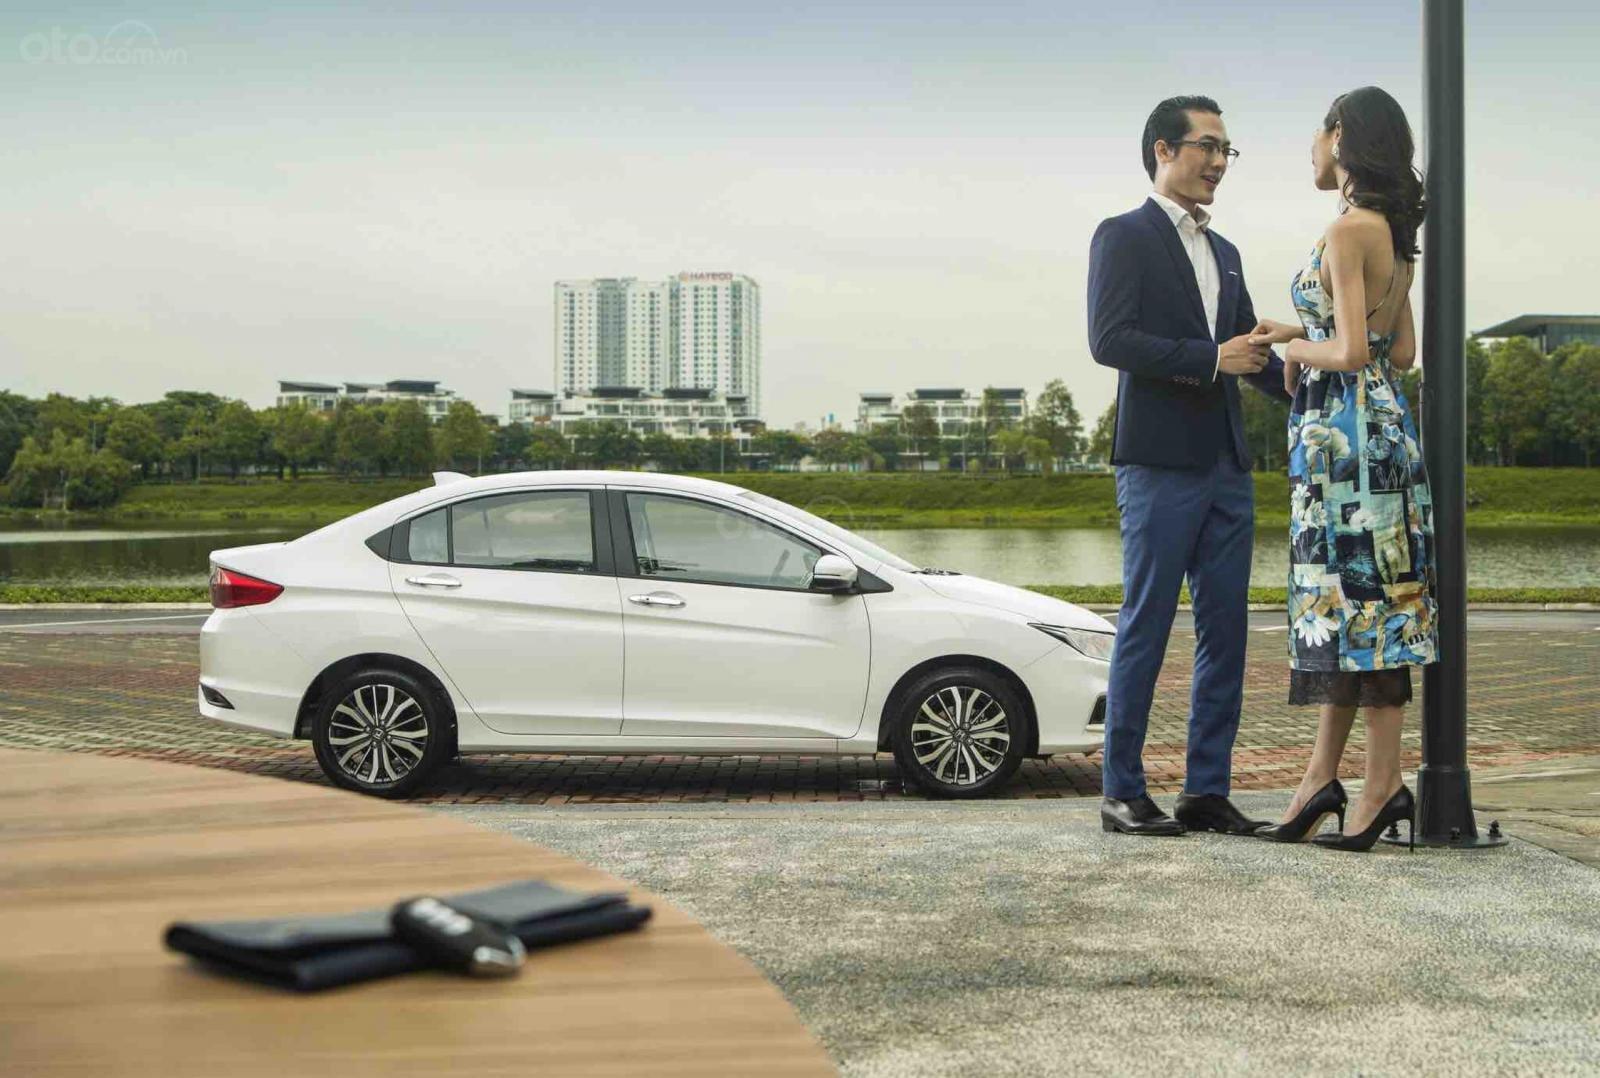 Honda ô tô Hải Phòng - Bán Honda City 2020 ưu đãi lớn, nhiều quà tặng, xe giao ngay. LH: 0933.679.838 Mr Đồng (2)